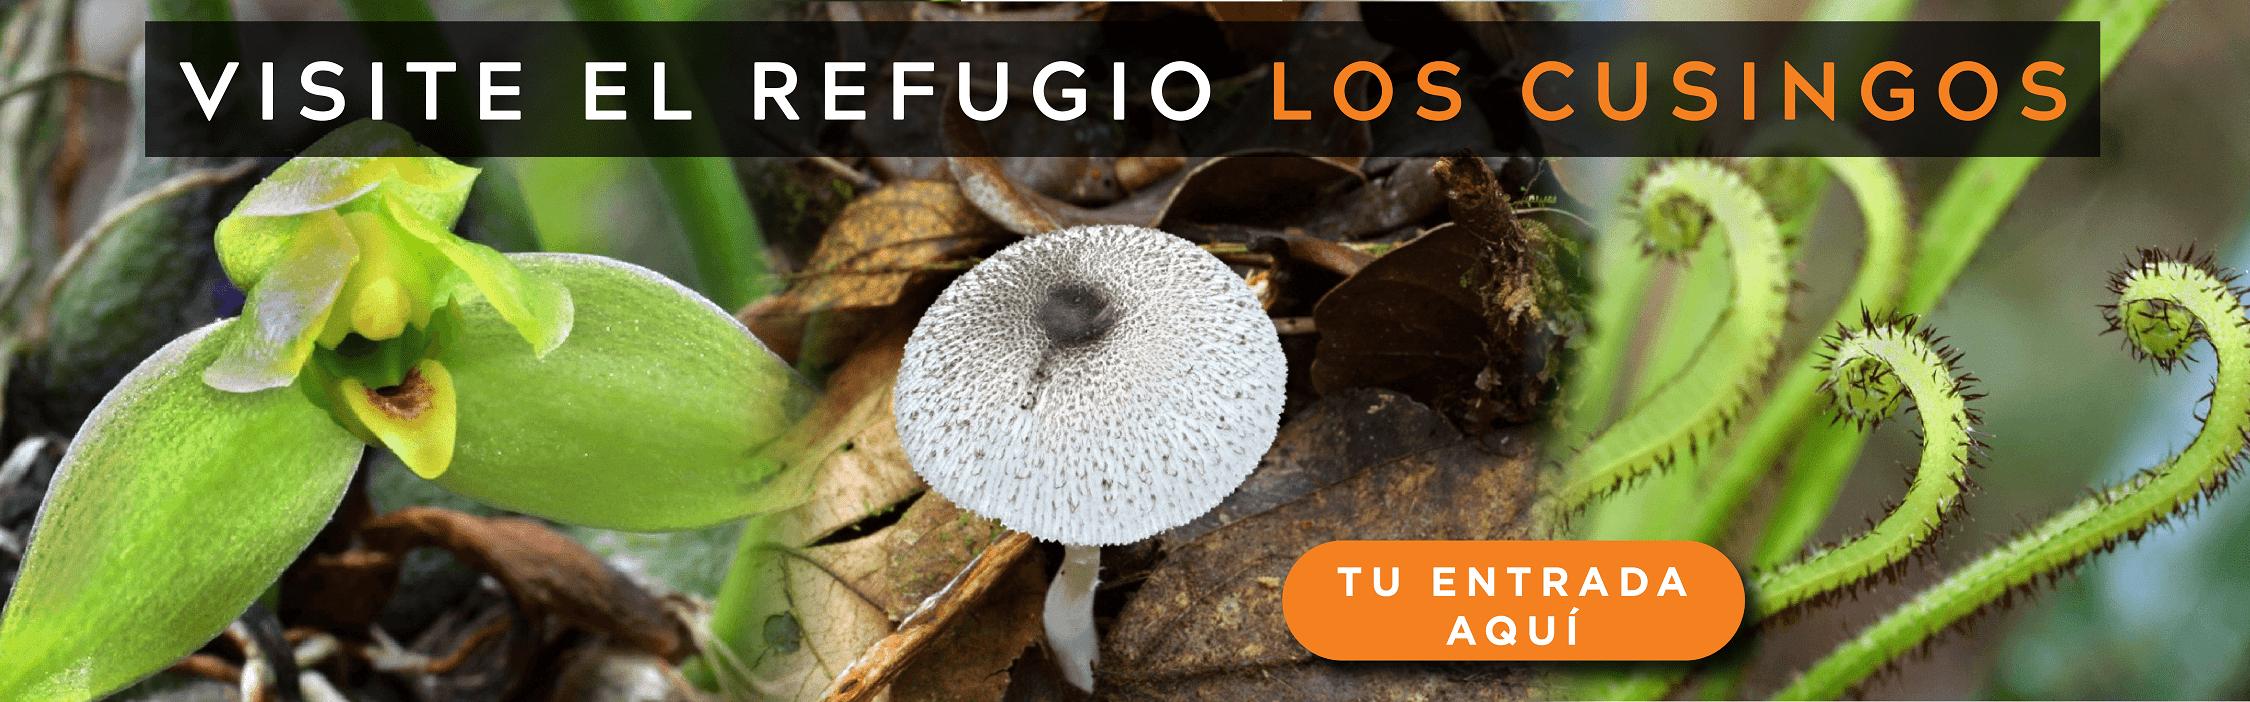 VISITE REFUGIO LOS CUSINGOS-min